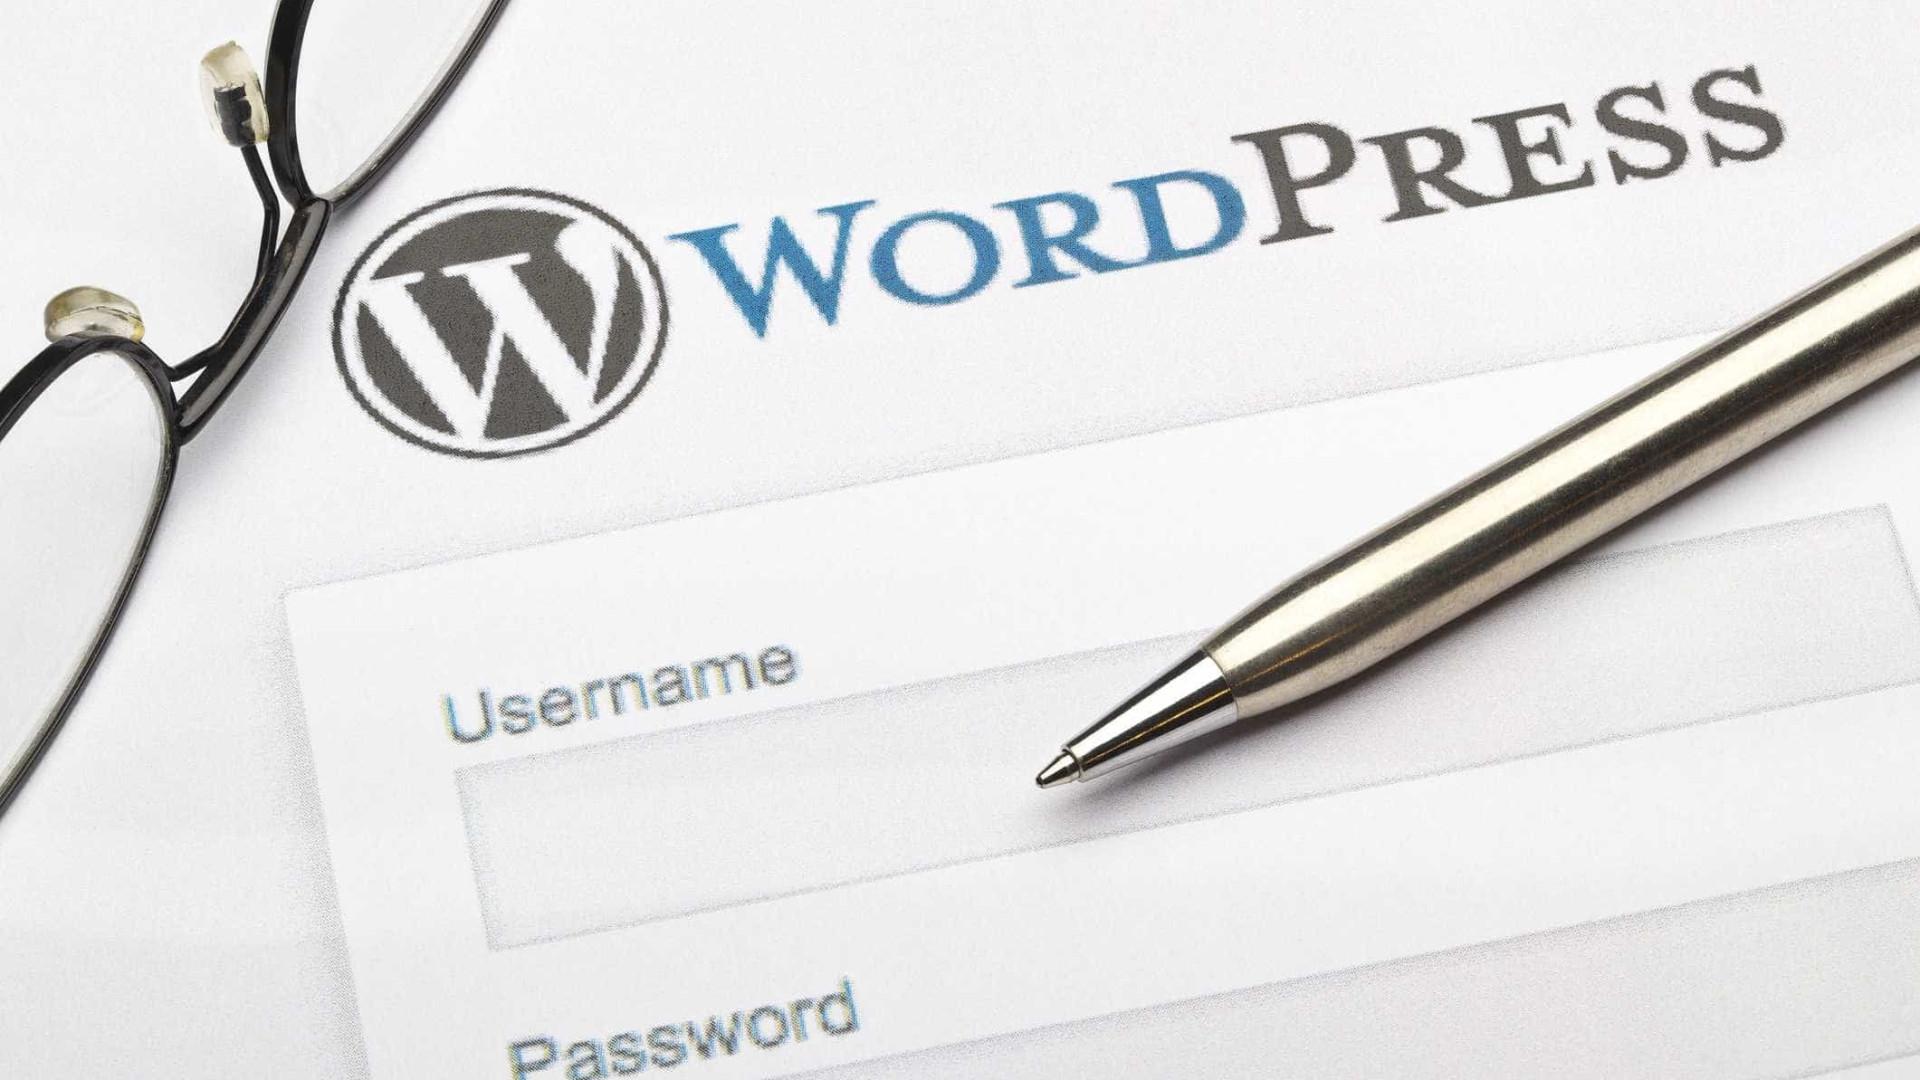 Cerca de 30% dos sites da internet usa WordPress